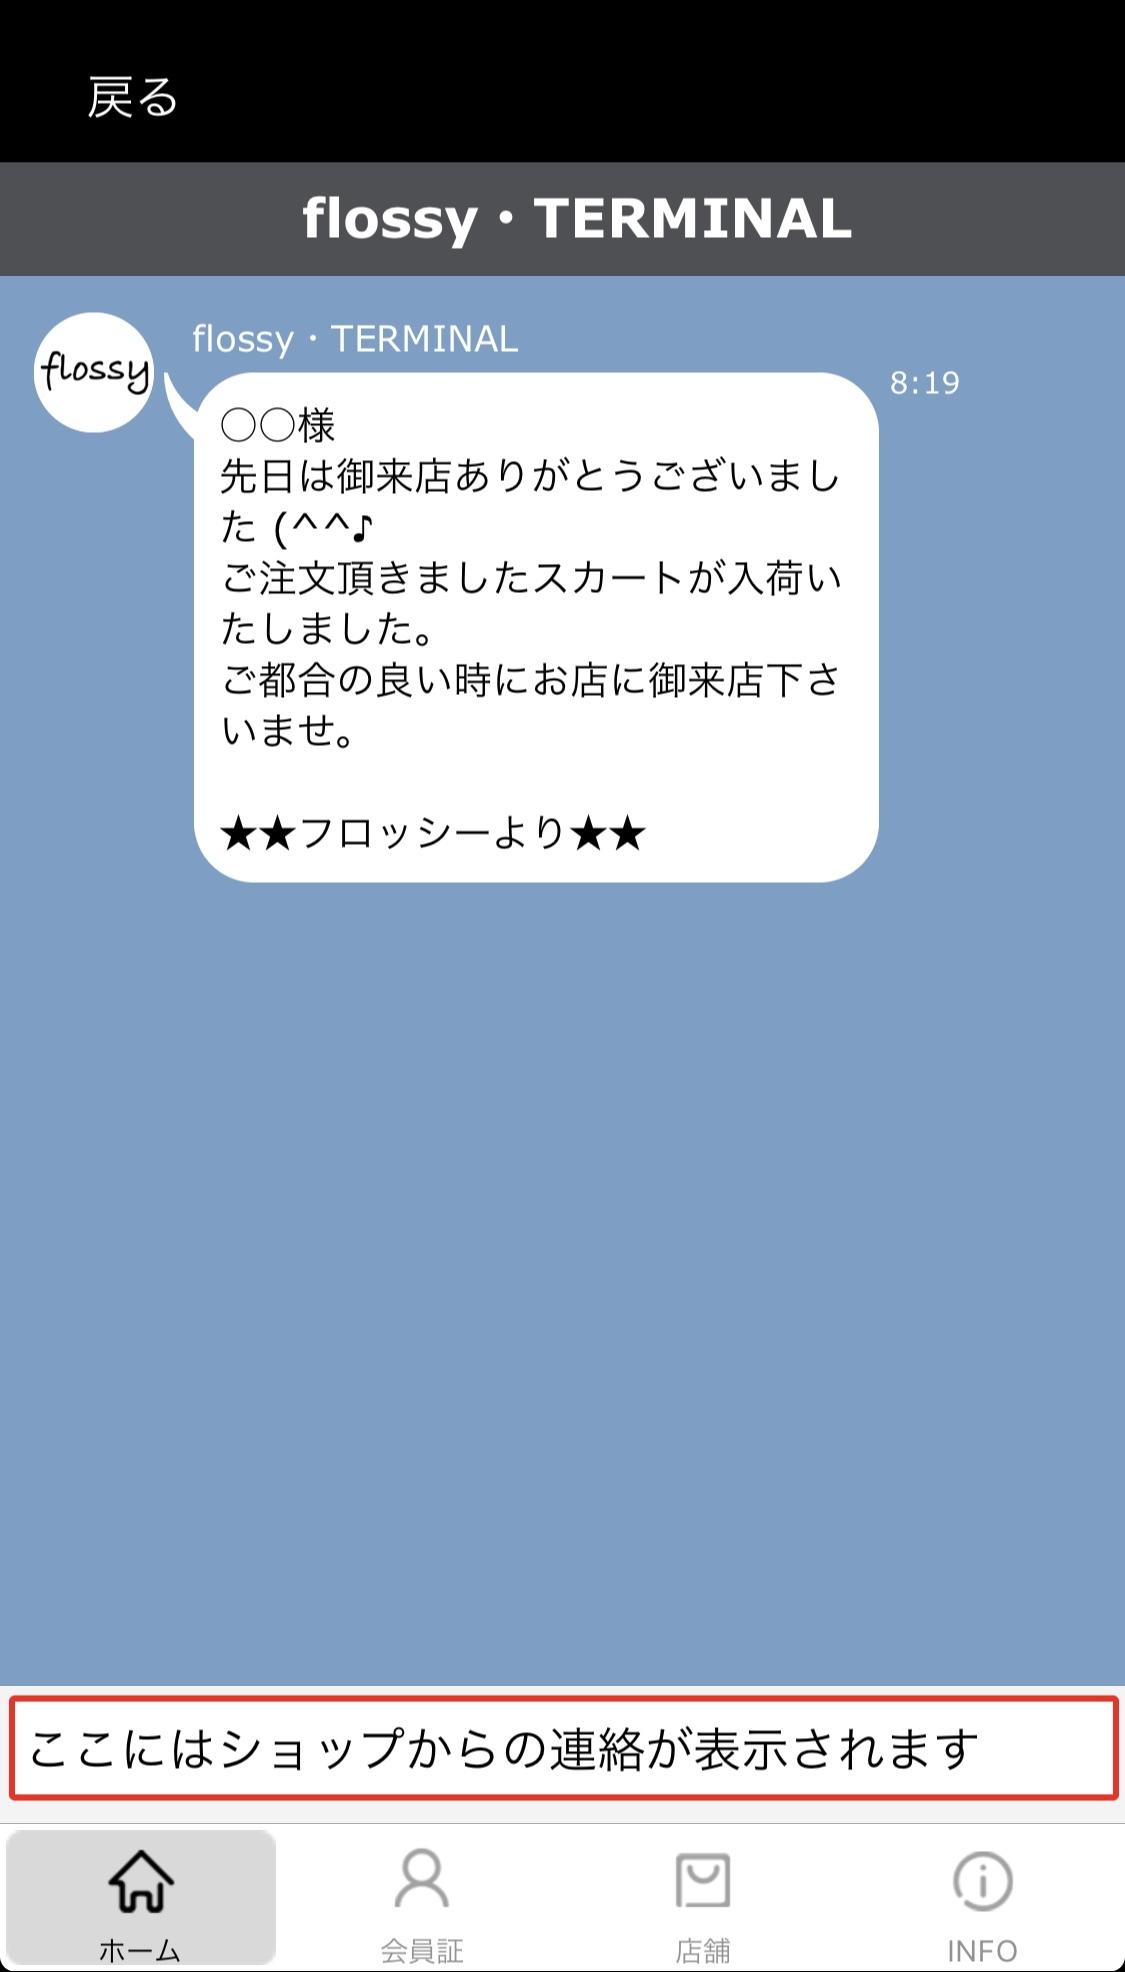 フロッシーアプリ新機能のご紹介【オーナー】_e0193499_09184081.png